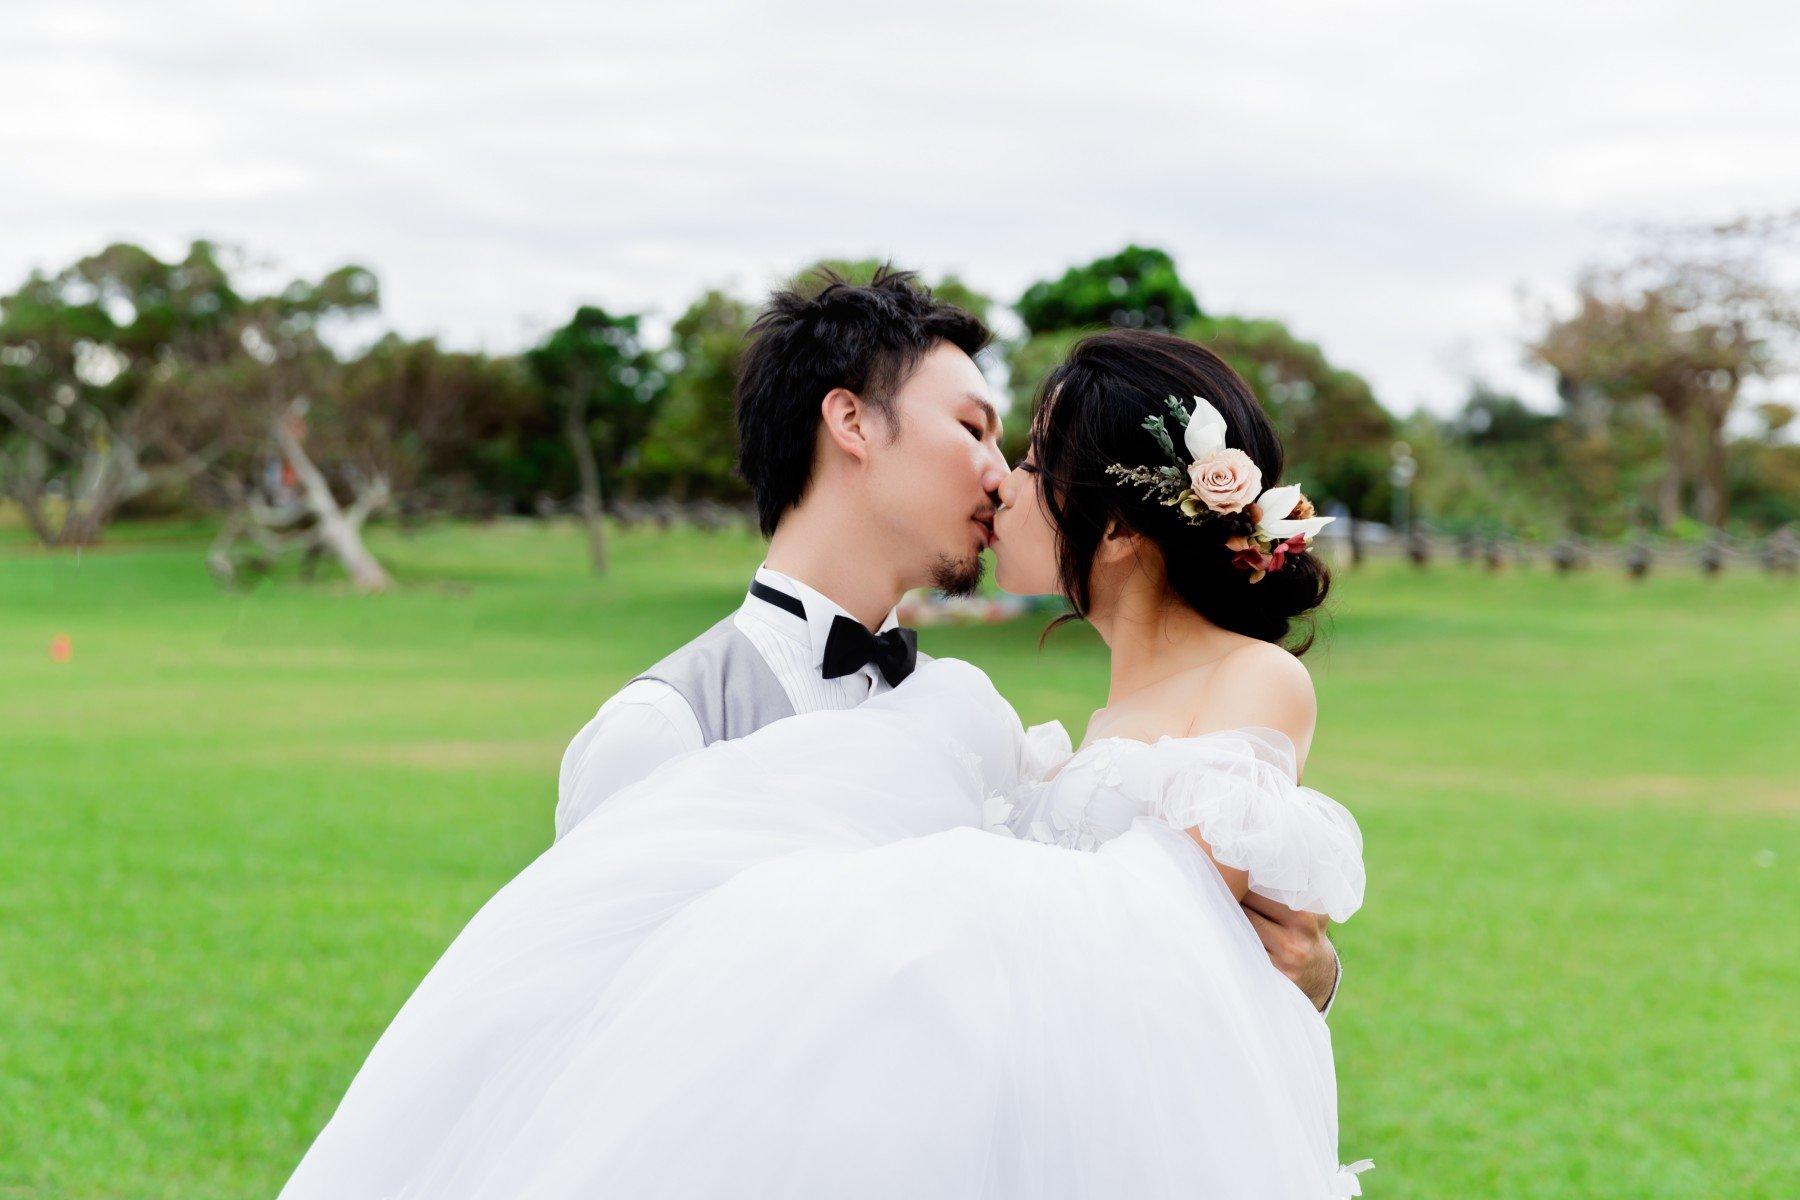 [墾丁自助婚紗]毛毛&秋秋-婚攝森森-高雄婚紗工作室 - 墾丁自助婚紗